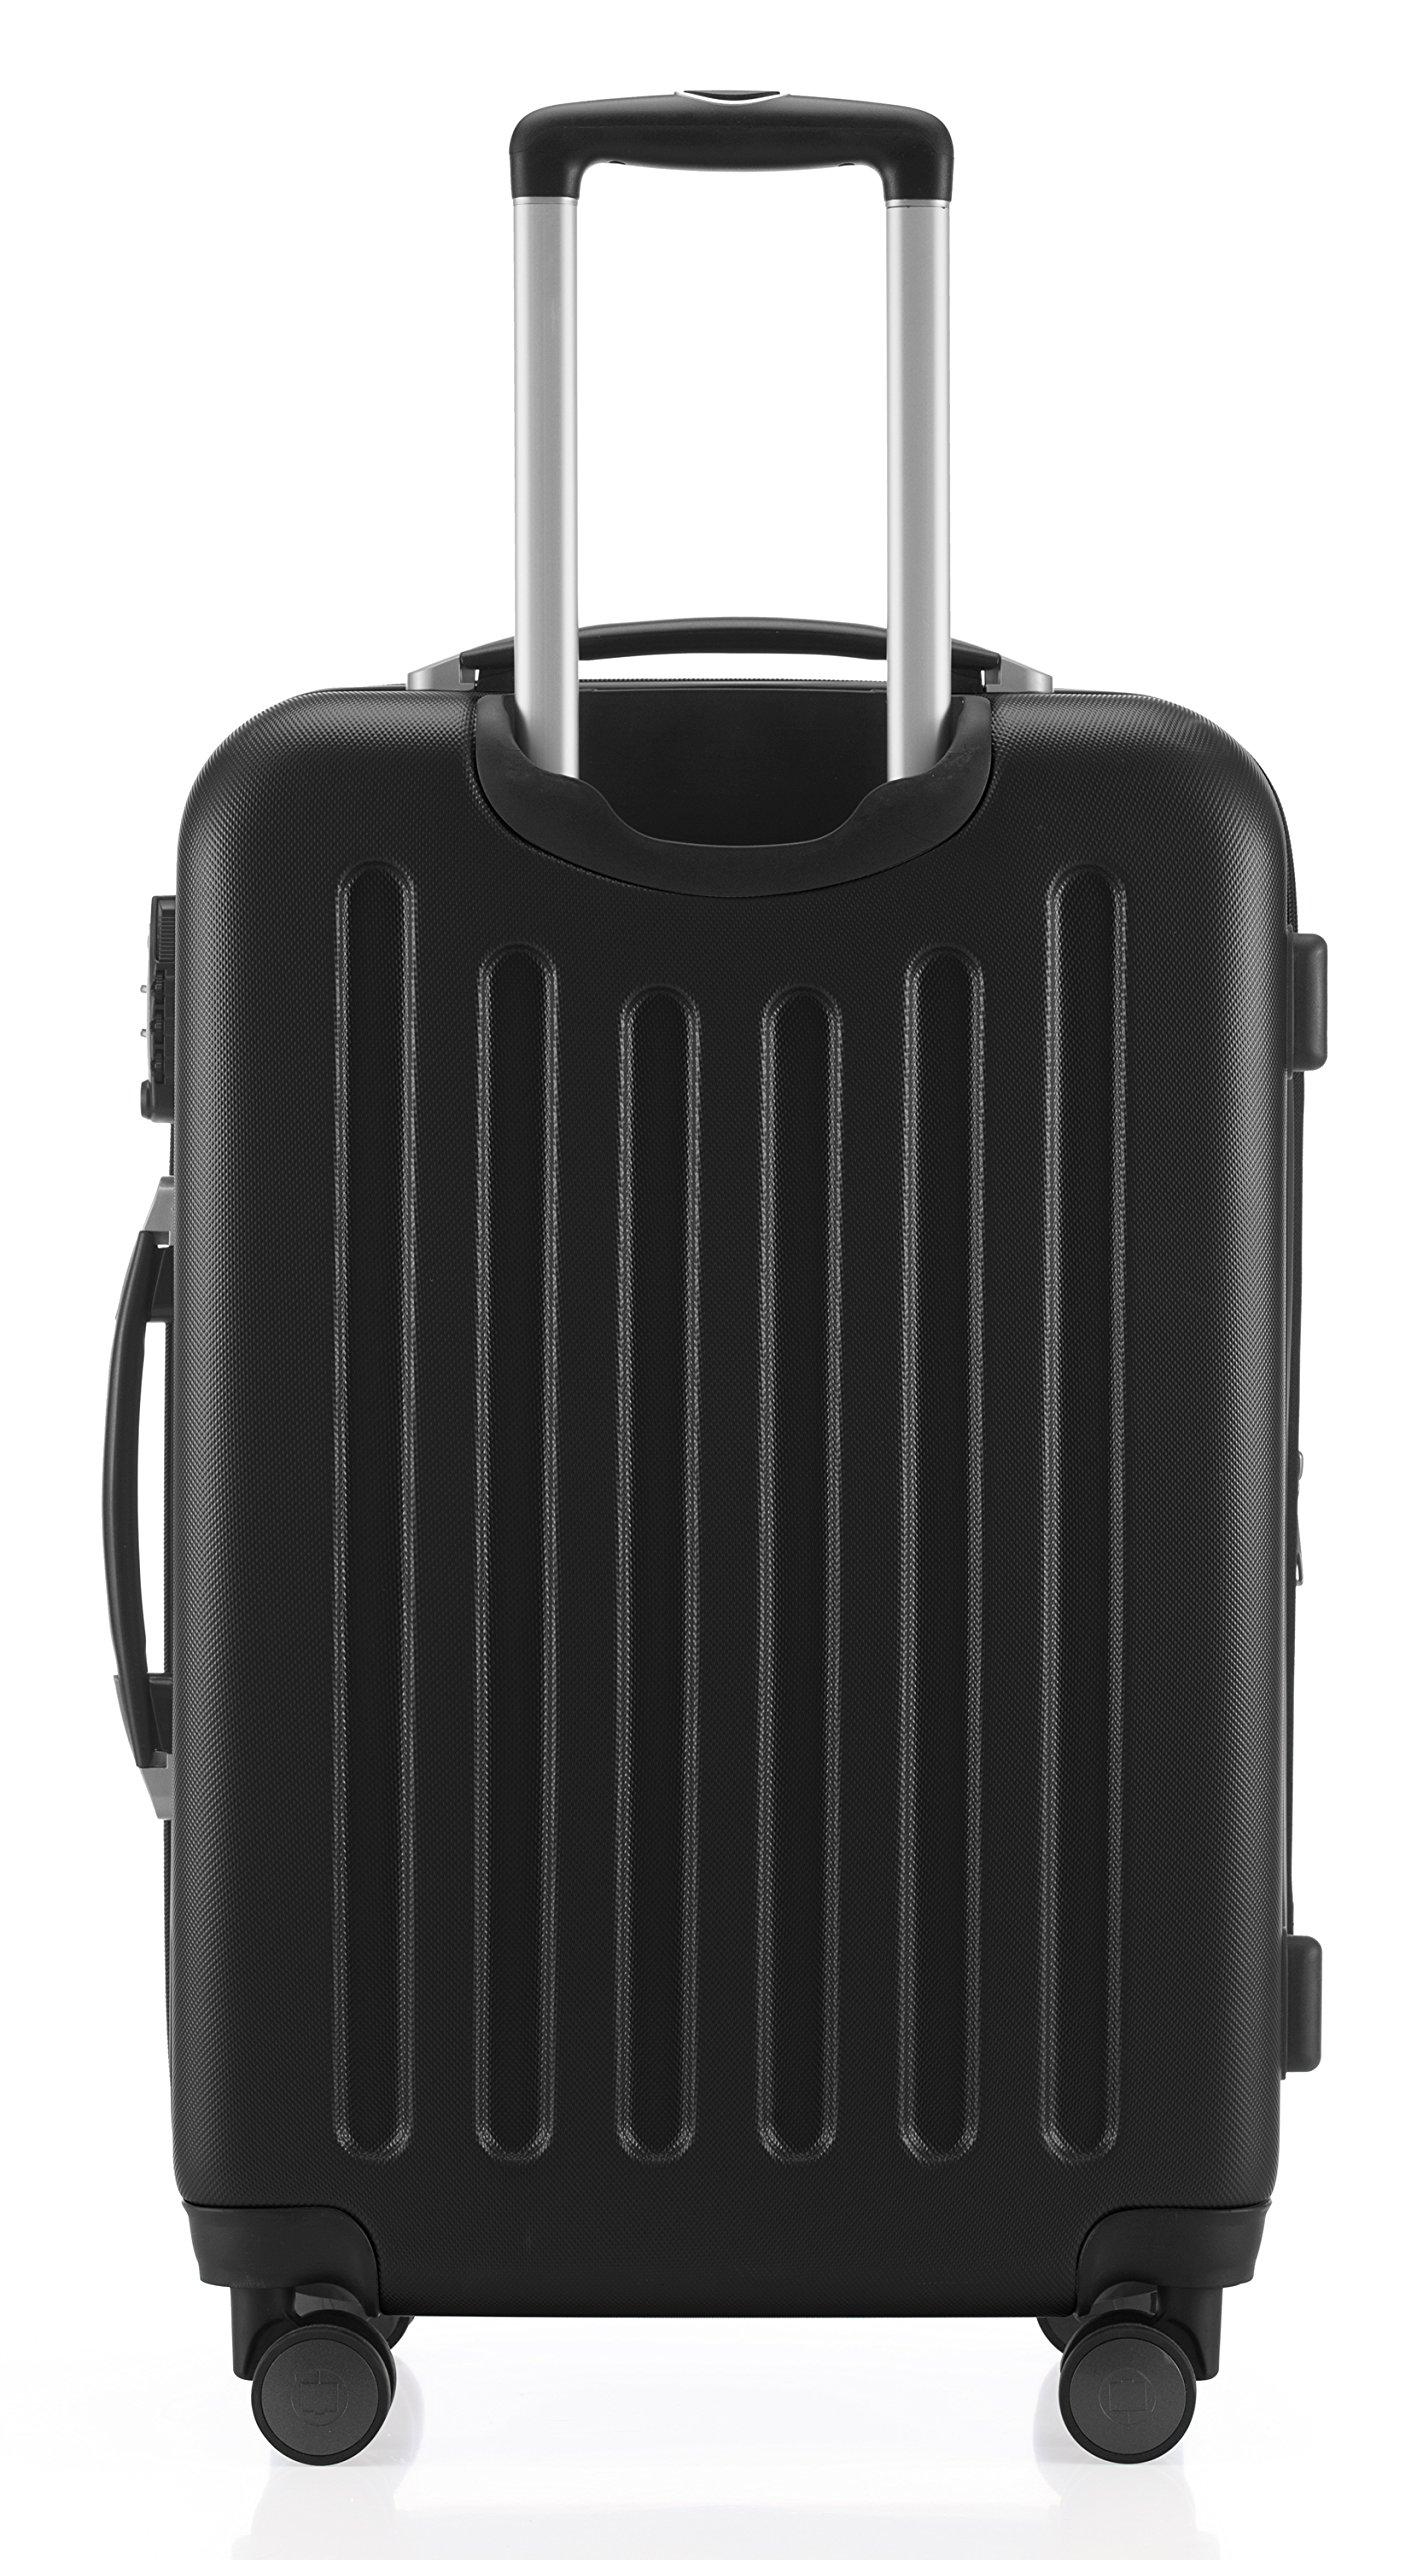 Hauptstadtkoffer-Spree-Handgepck-Hartschalen-Koffer-Trolley-Rollkoffer-Reisekoffer-Erweiterbar-TSA-4-Rollen-55-cm-42-Liter-Schwarz